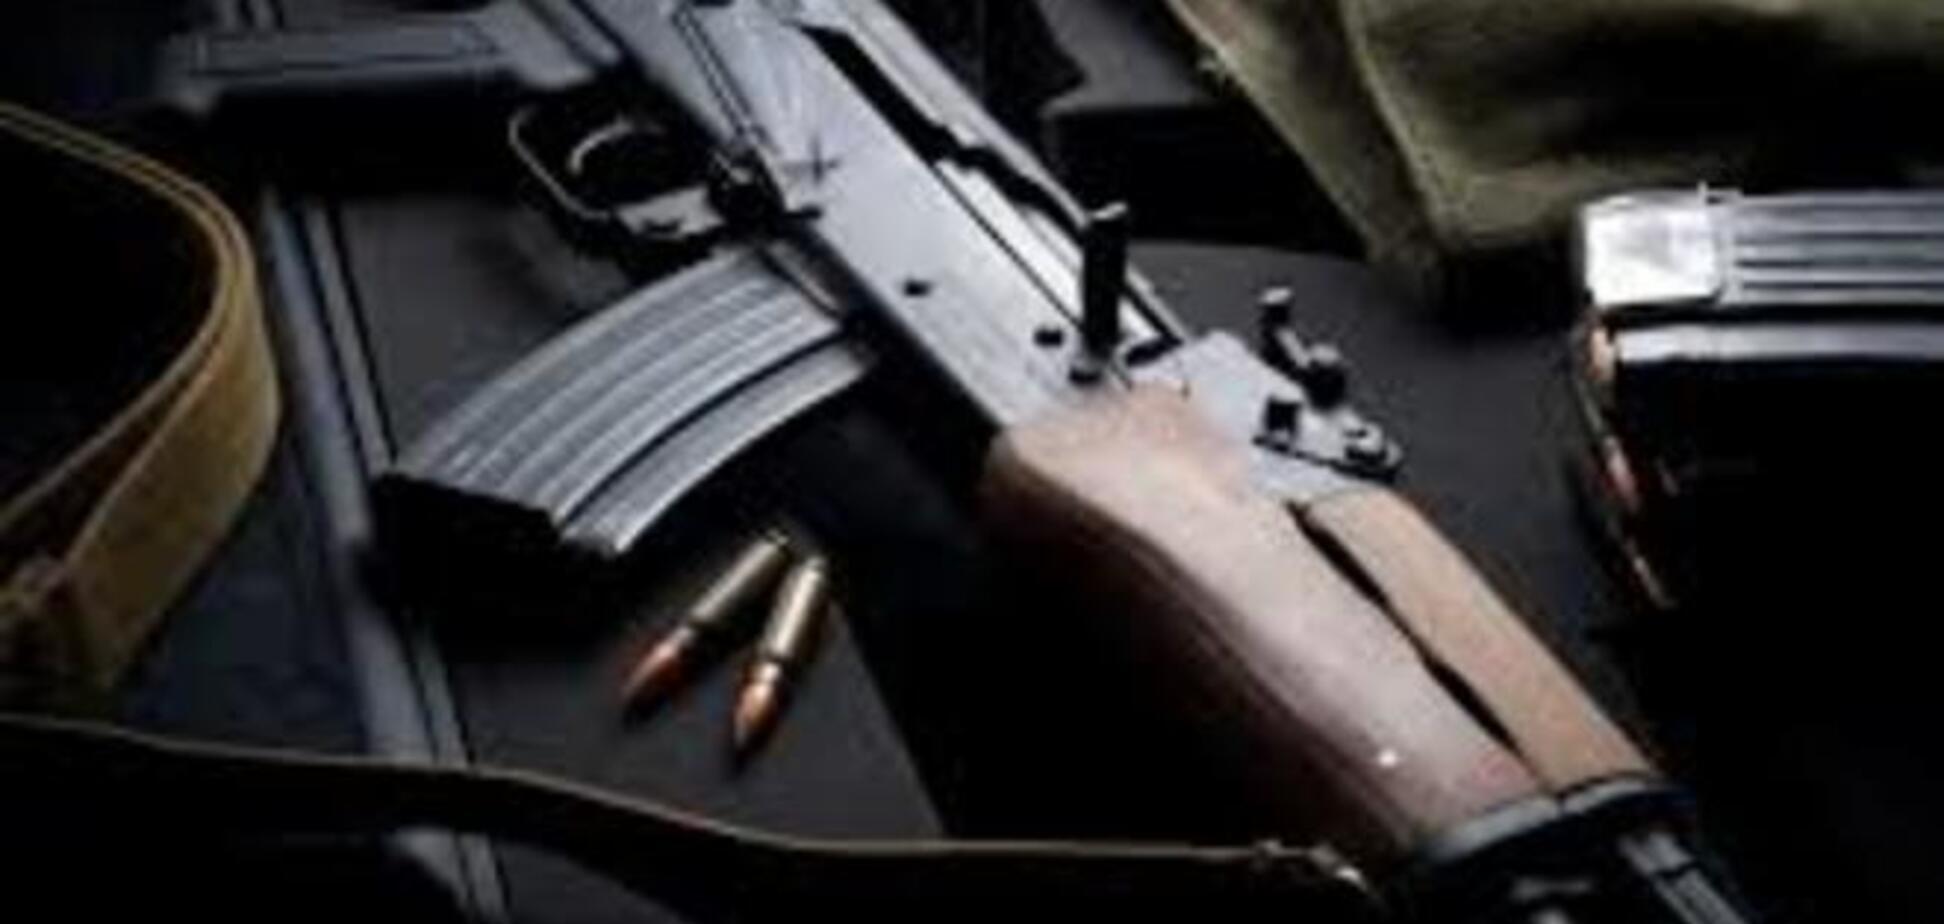 СБУ затримала терористів, які скуповували зброю для бойовиків на сході